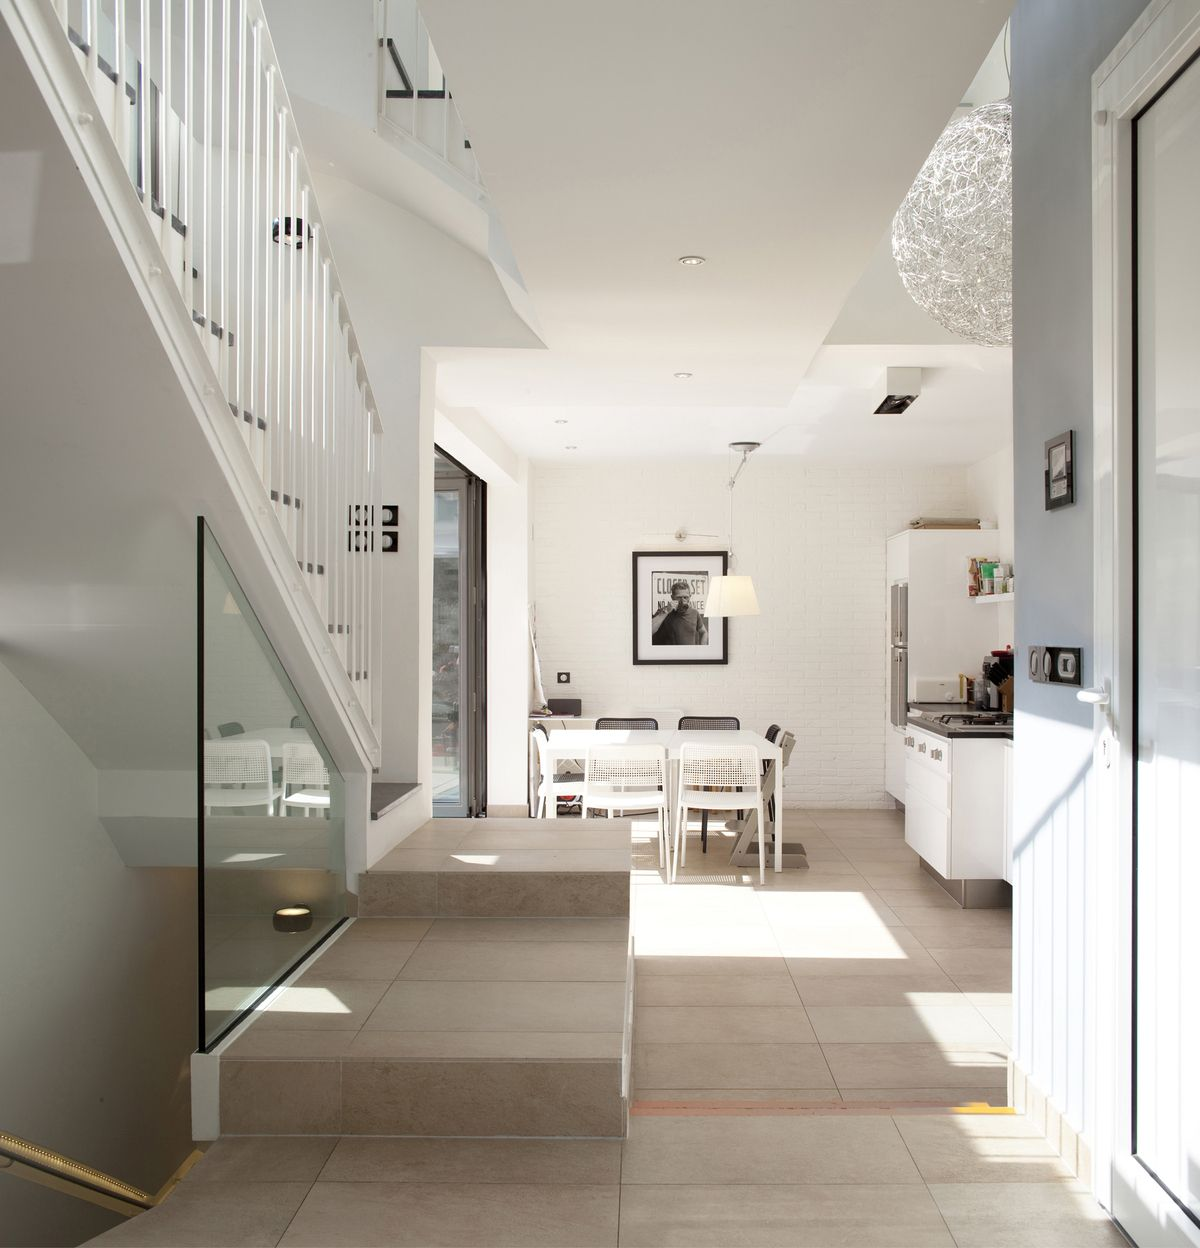 Atelier D Architecture Alexandre Dreyssé townhouse montrouge | house design, interior architecture, home